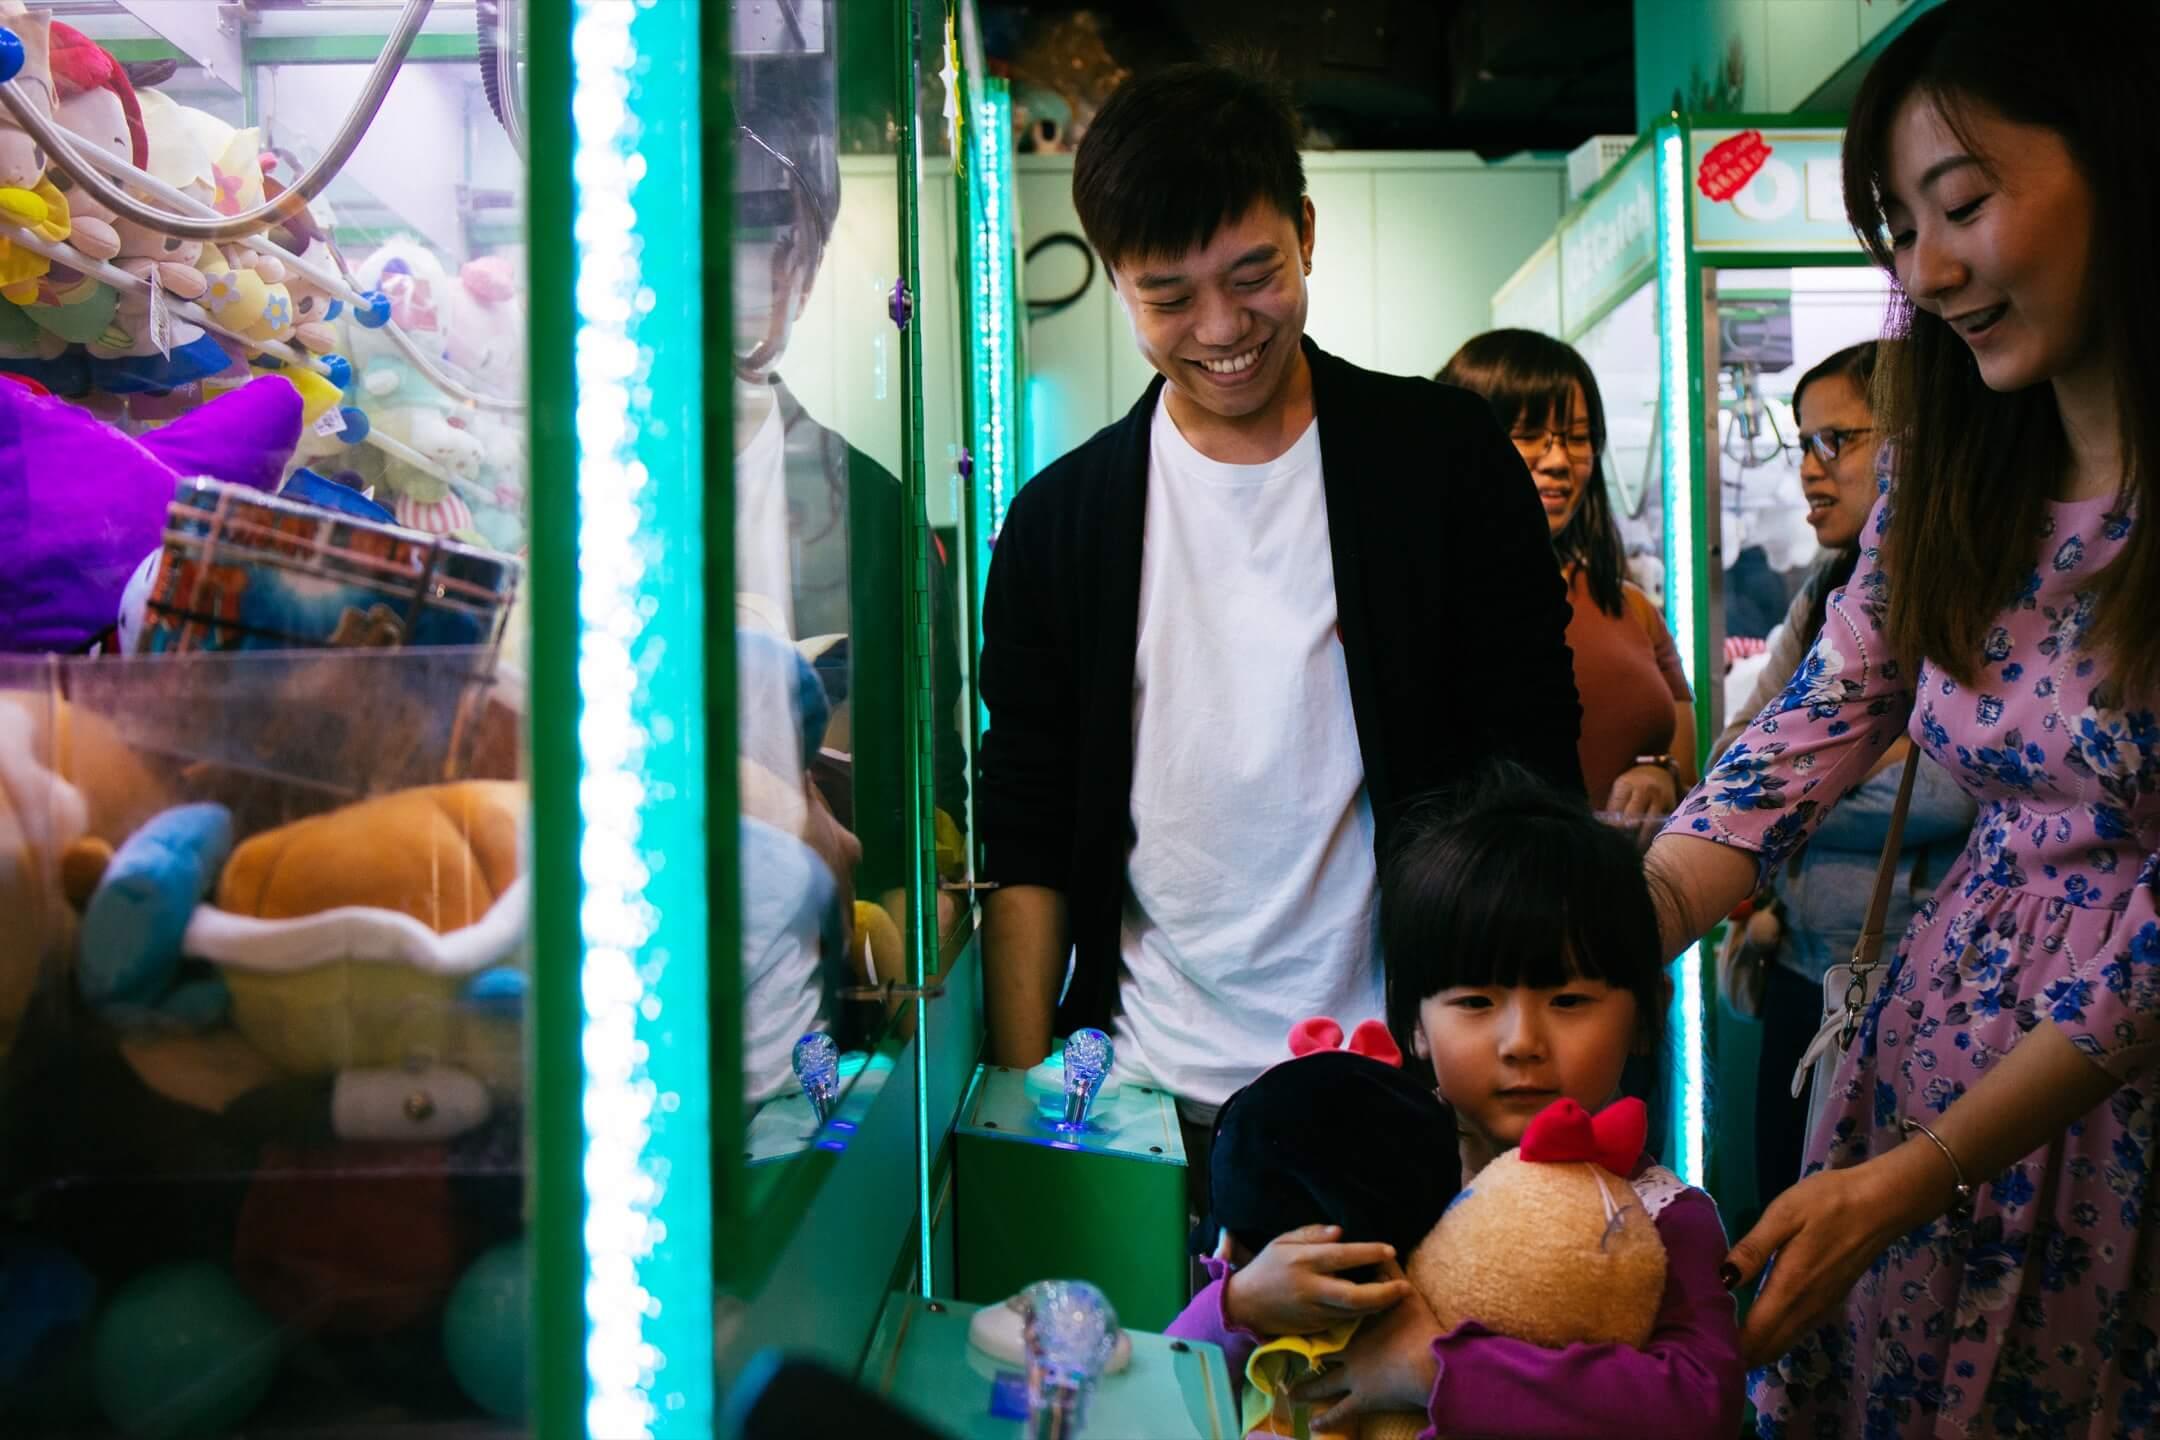 在魏嘉俊「失業」的幾個月裡,他找到了新興趣,將新興趣變成了新工作,甚至還確立了新志向──成為香港第一位「駐店夾公仔導師」。 攝:Stanley Leung/端傳媒